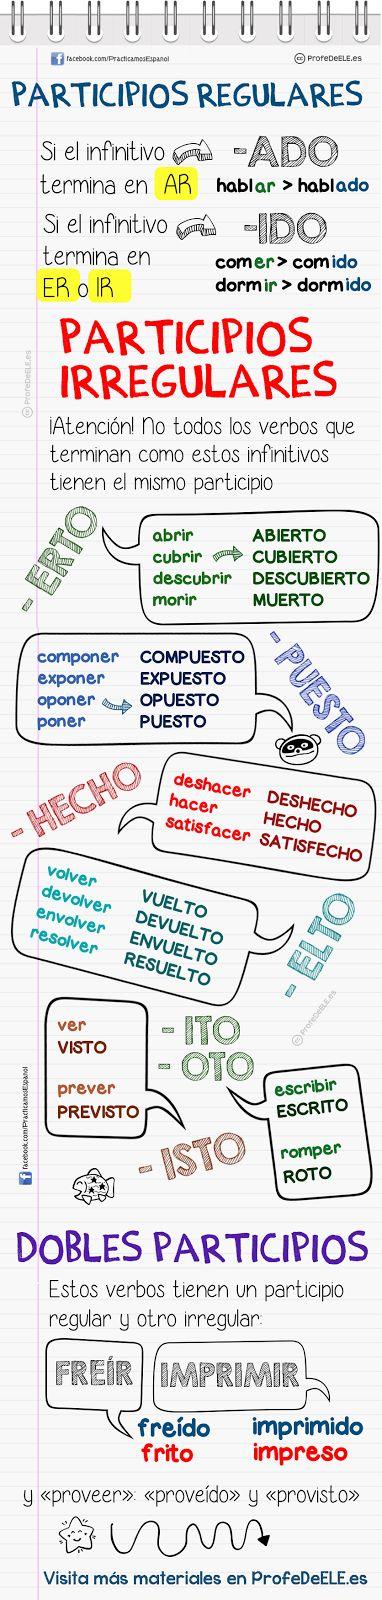 Participios regulares e irregulares en español - Explicación y actividad online (A2/B1) en www.profedeele.es | @ProfeDeELE.es.es.es.es.es.es.es.es.es